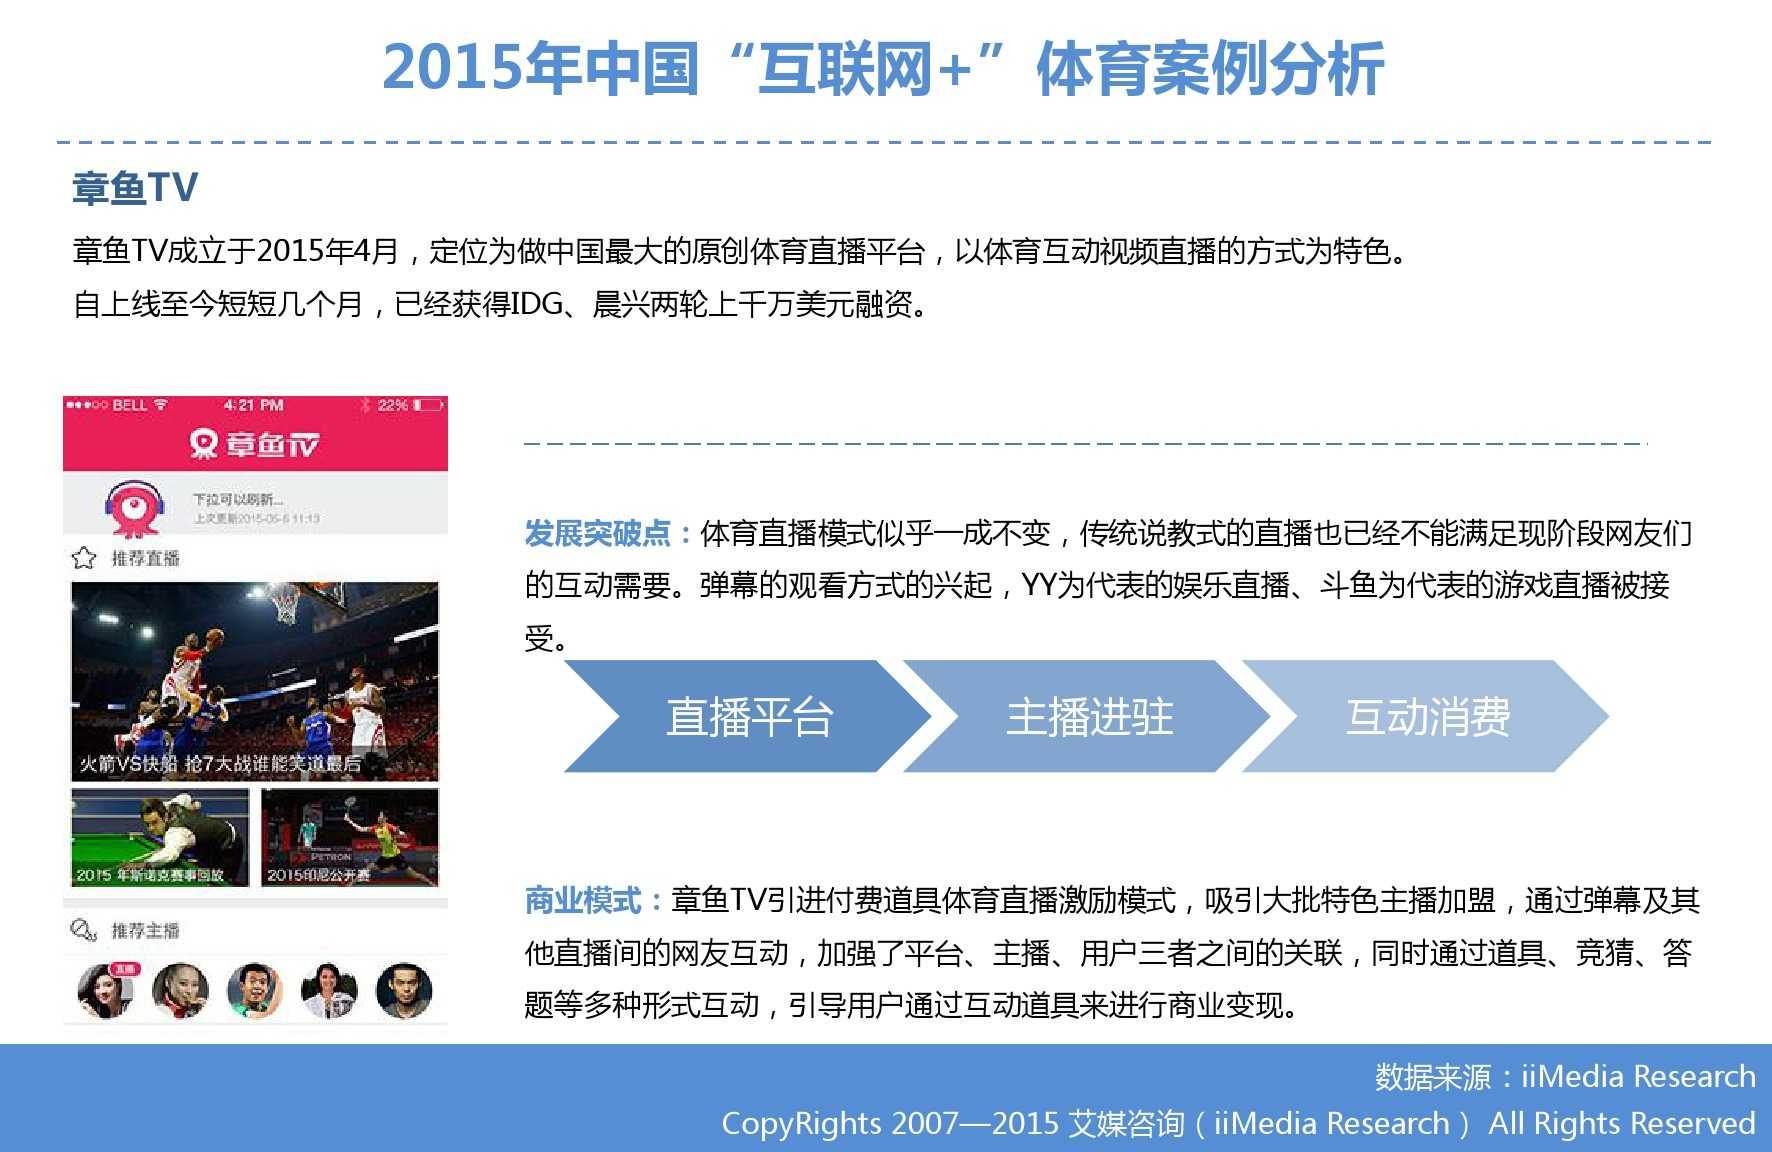 """艾媒咨询:2015年中国""""互联网+""""体育研究_000039"""